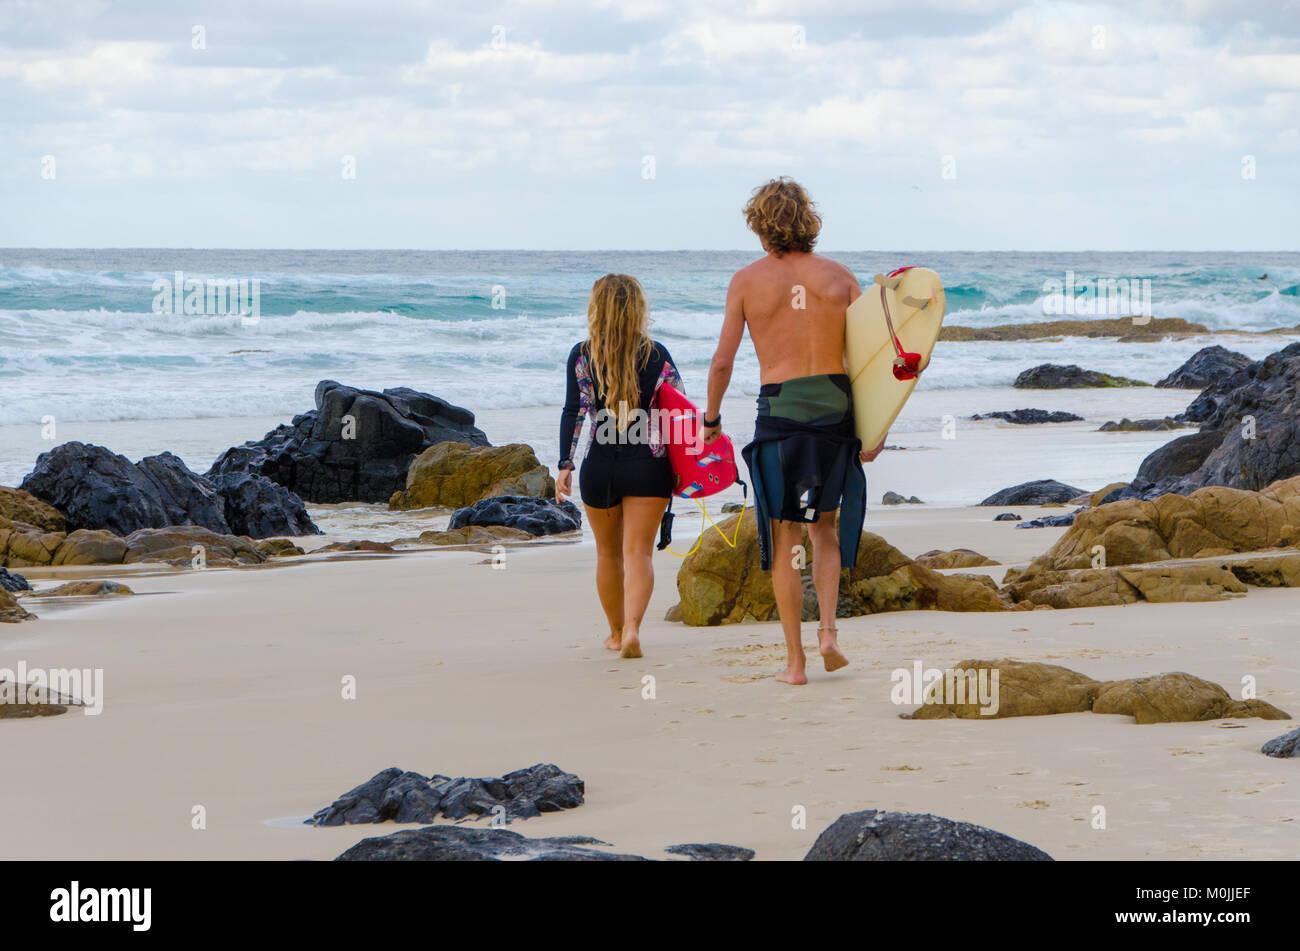 Surfers mâles et femelles à pied à travers l'océan plage vers l'exécution des planches Photo Stock